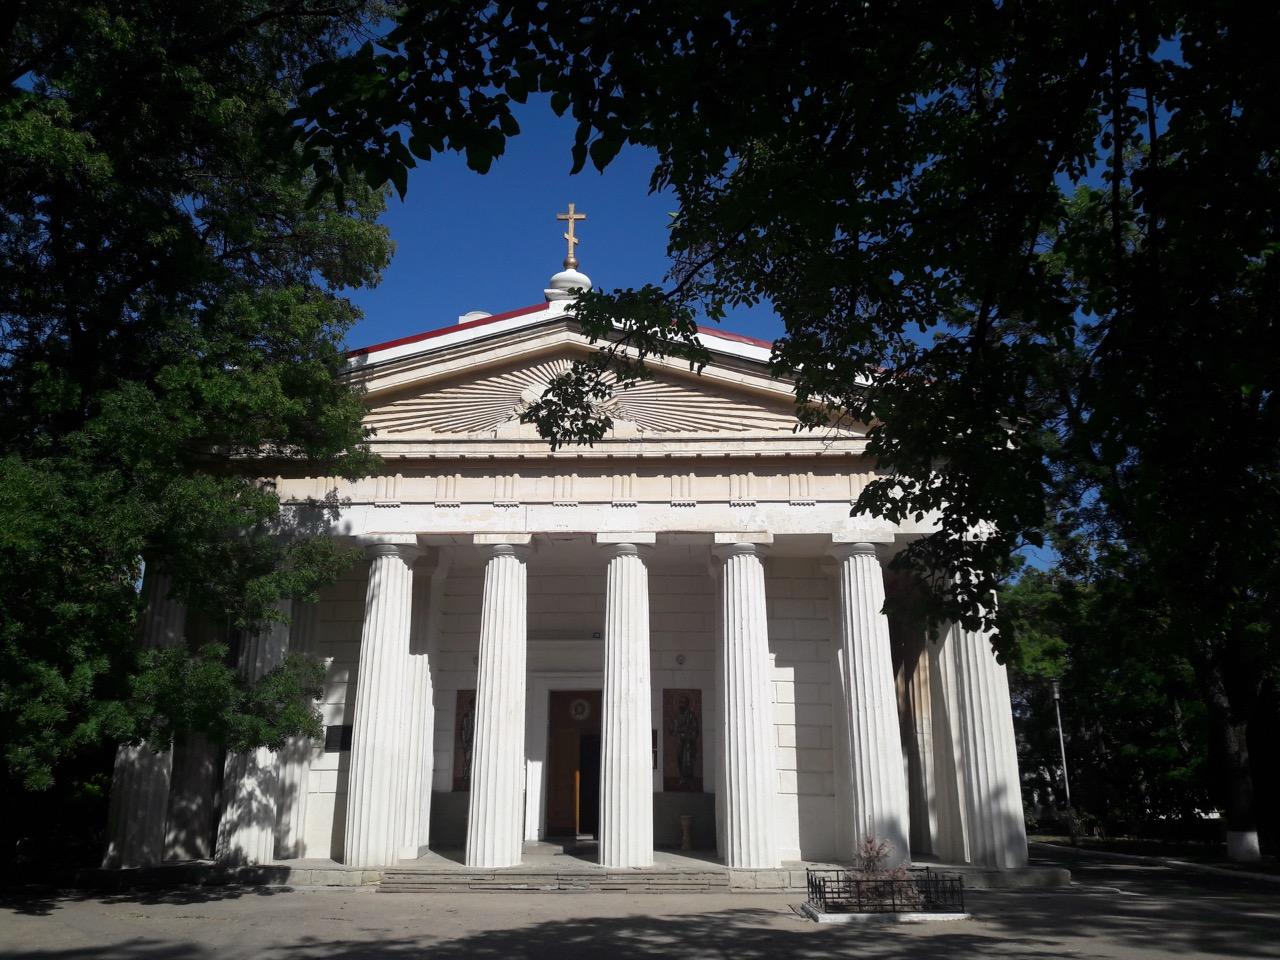 Прогулка по центру Севастополя - индивидуальная экскурсия в Севастополе от опытного гида